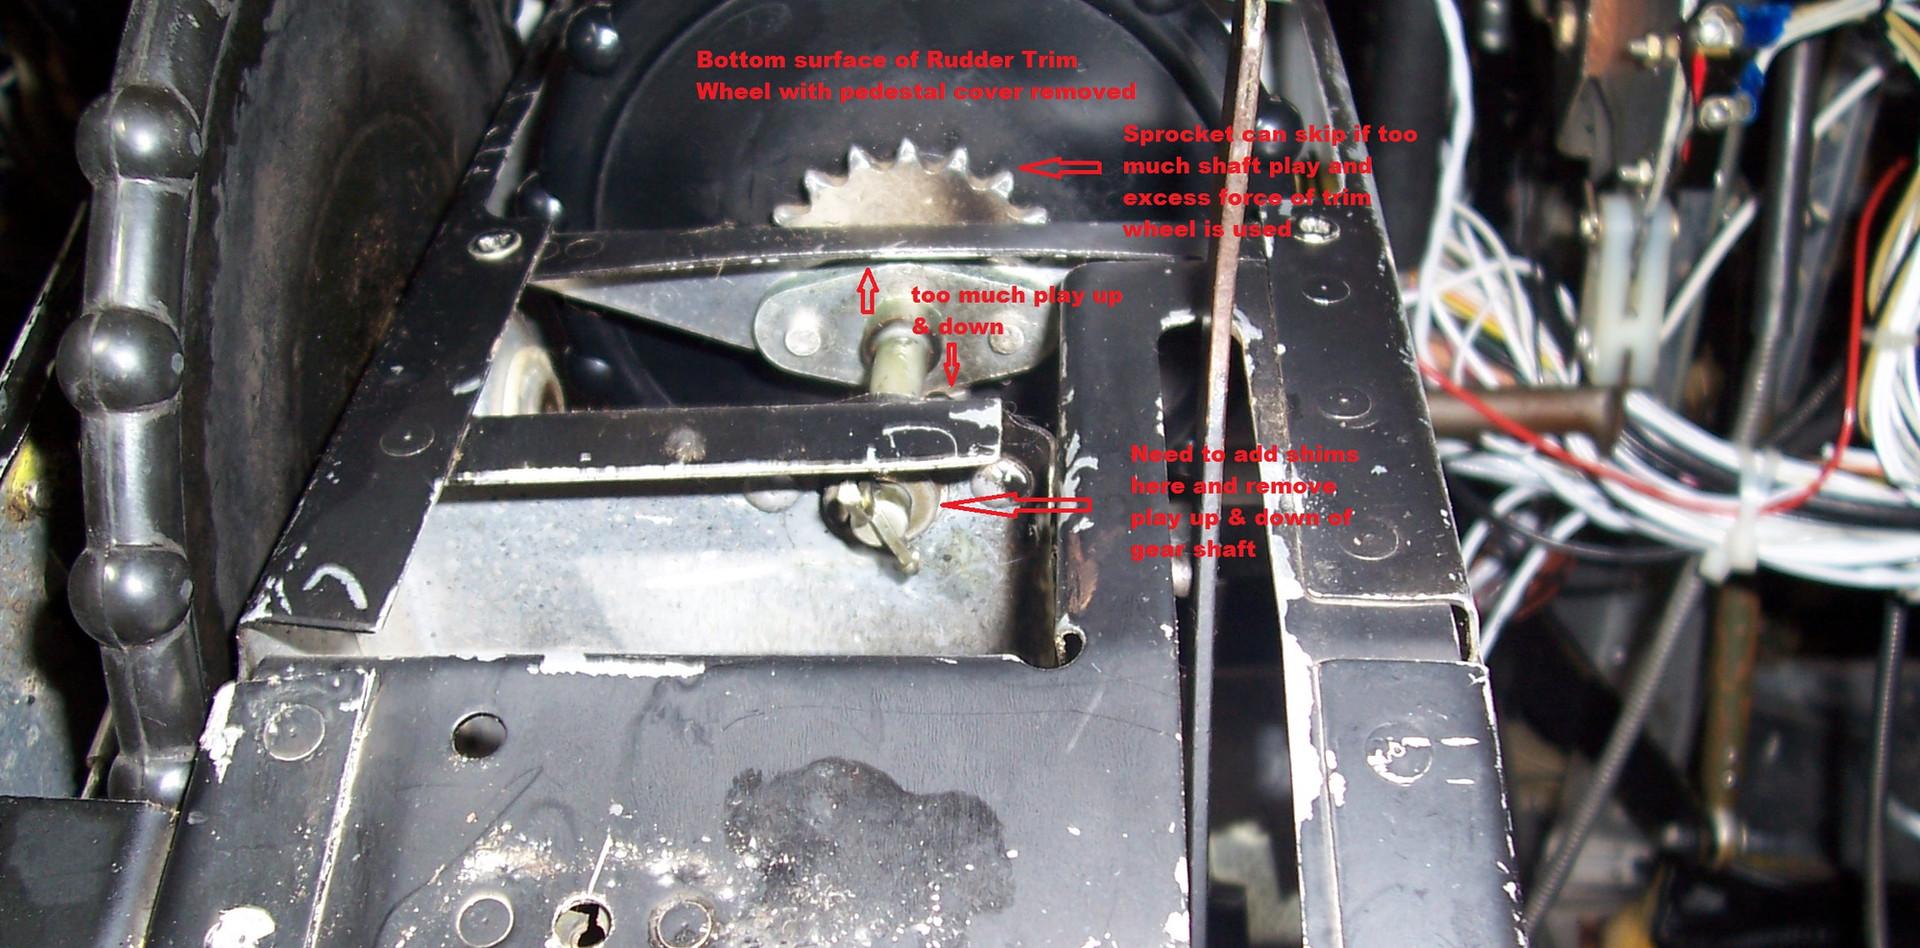 Rudder Trim Wheel problems.